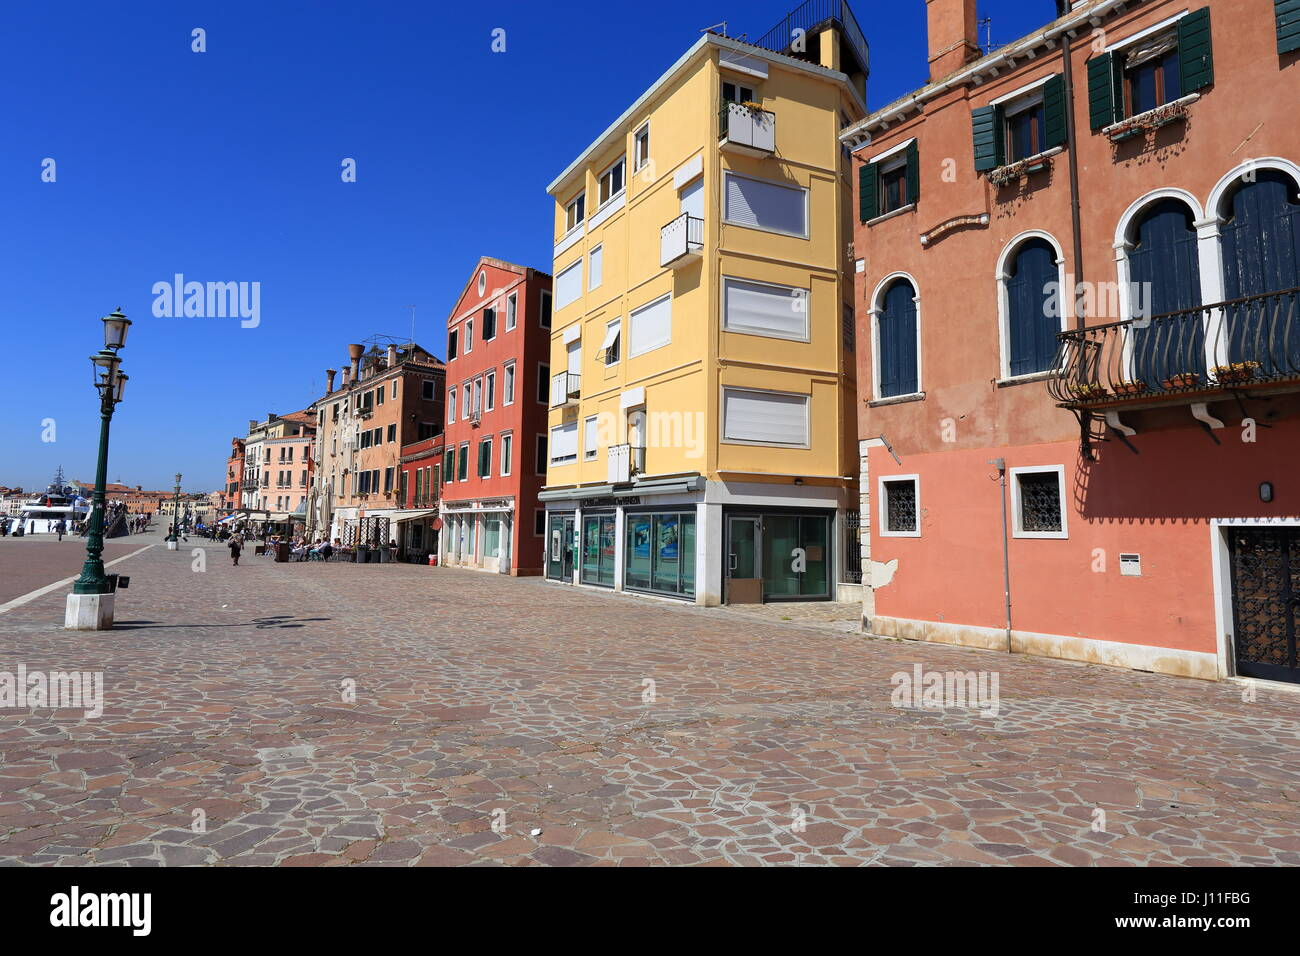 Venezia Italia, Riva dei Sette Martini. Passeggiata a Venezia. Foto Stock